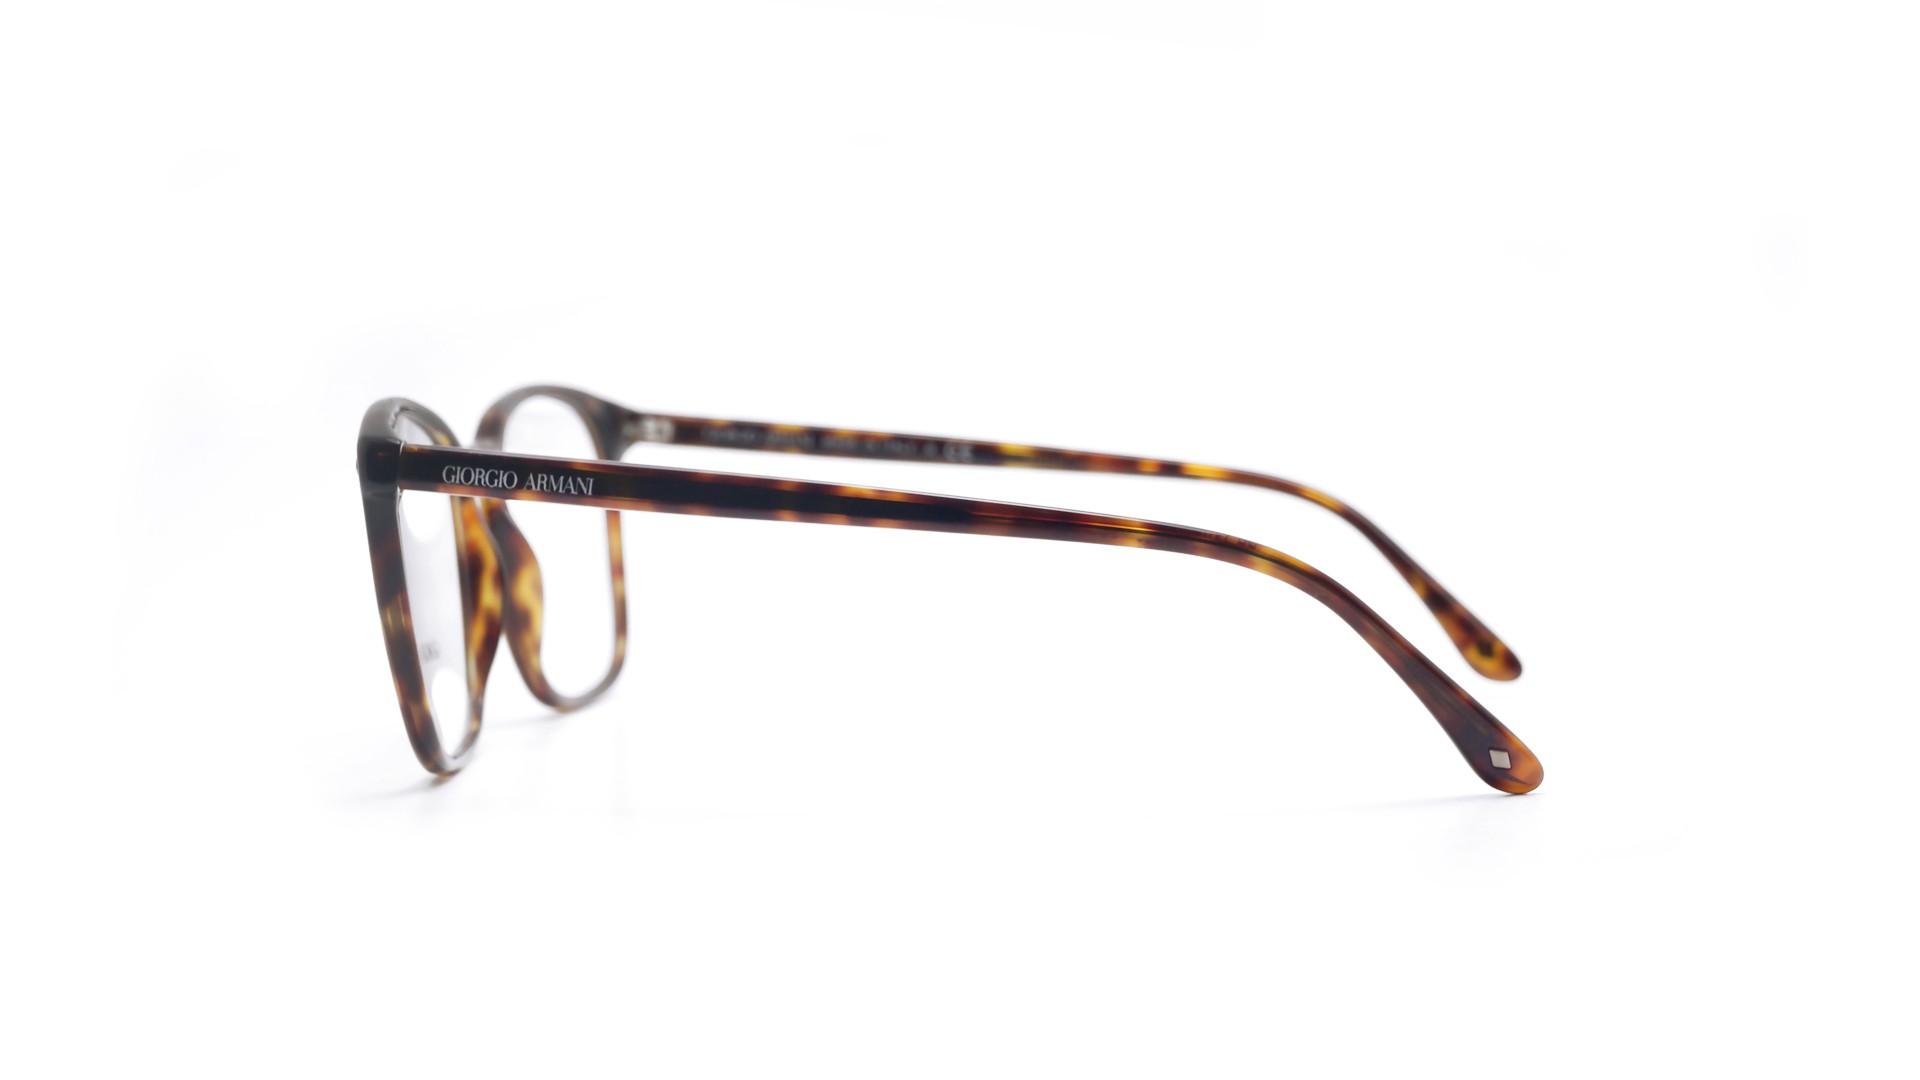 5f07eefc0221 Armani Exchange Purple Eyeglasses | Wiring Diagram Database